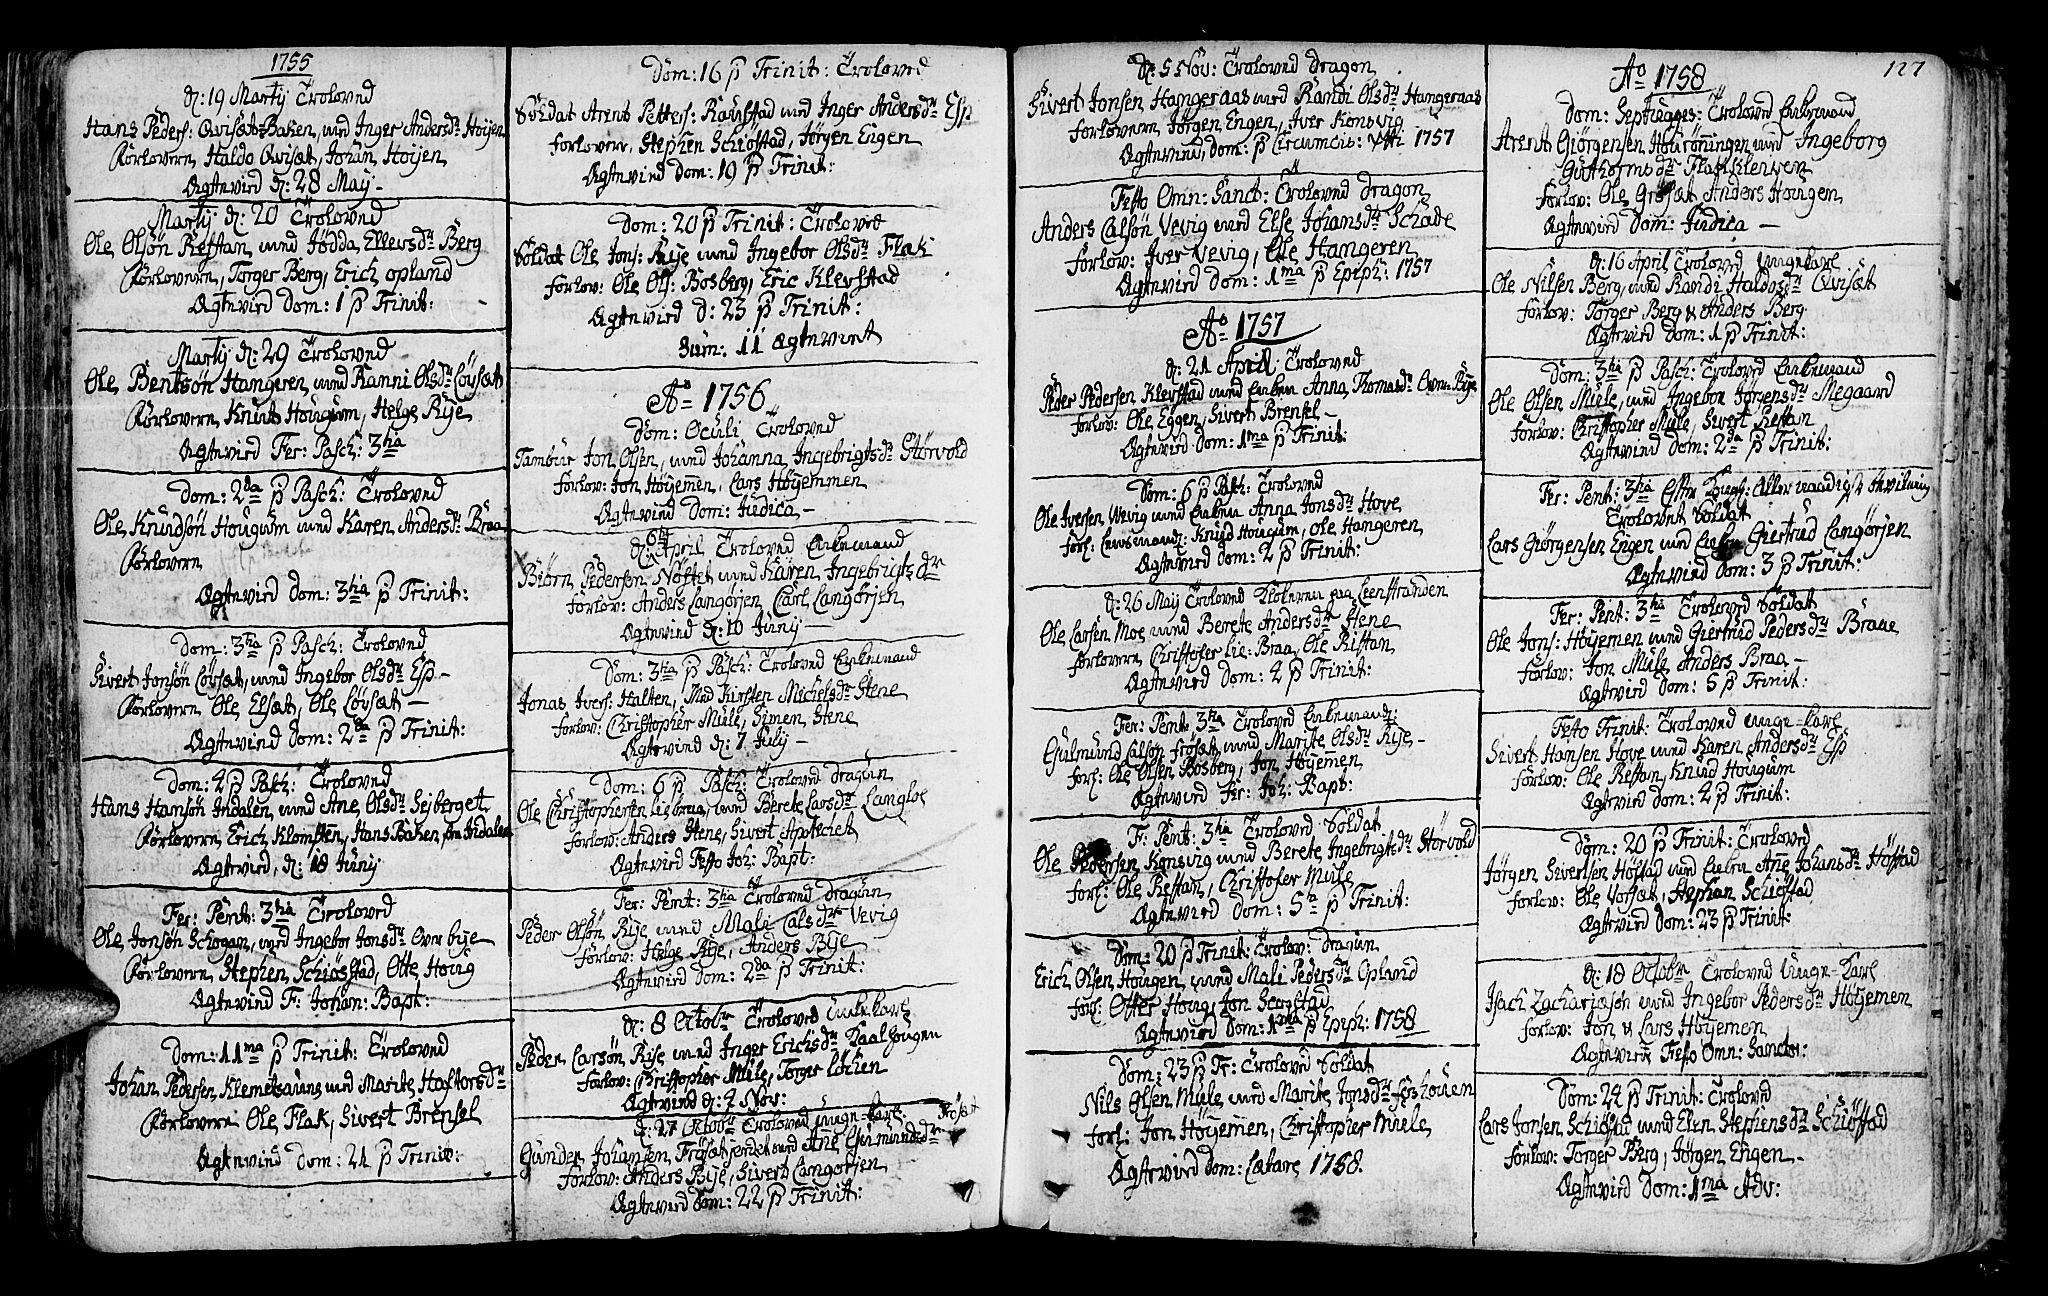 SAT, Ministerialprotokoller, klokkerbøker og fødselsregistre - Sør-Trøndelag, 612/L0370: Ministerialbok nr. 612A04, 1754-1802, s. 127